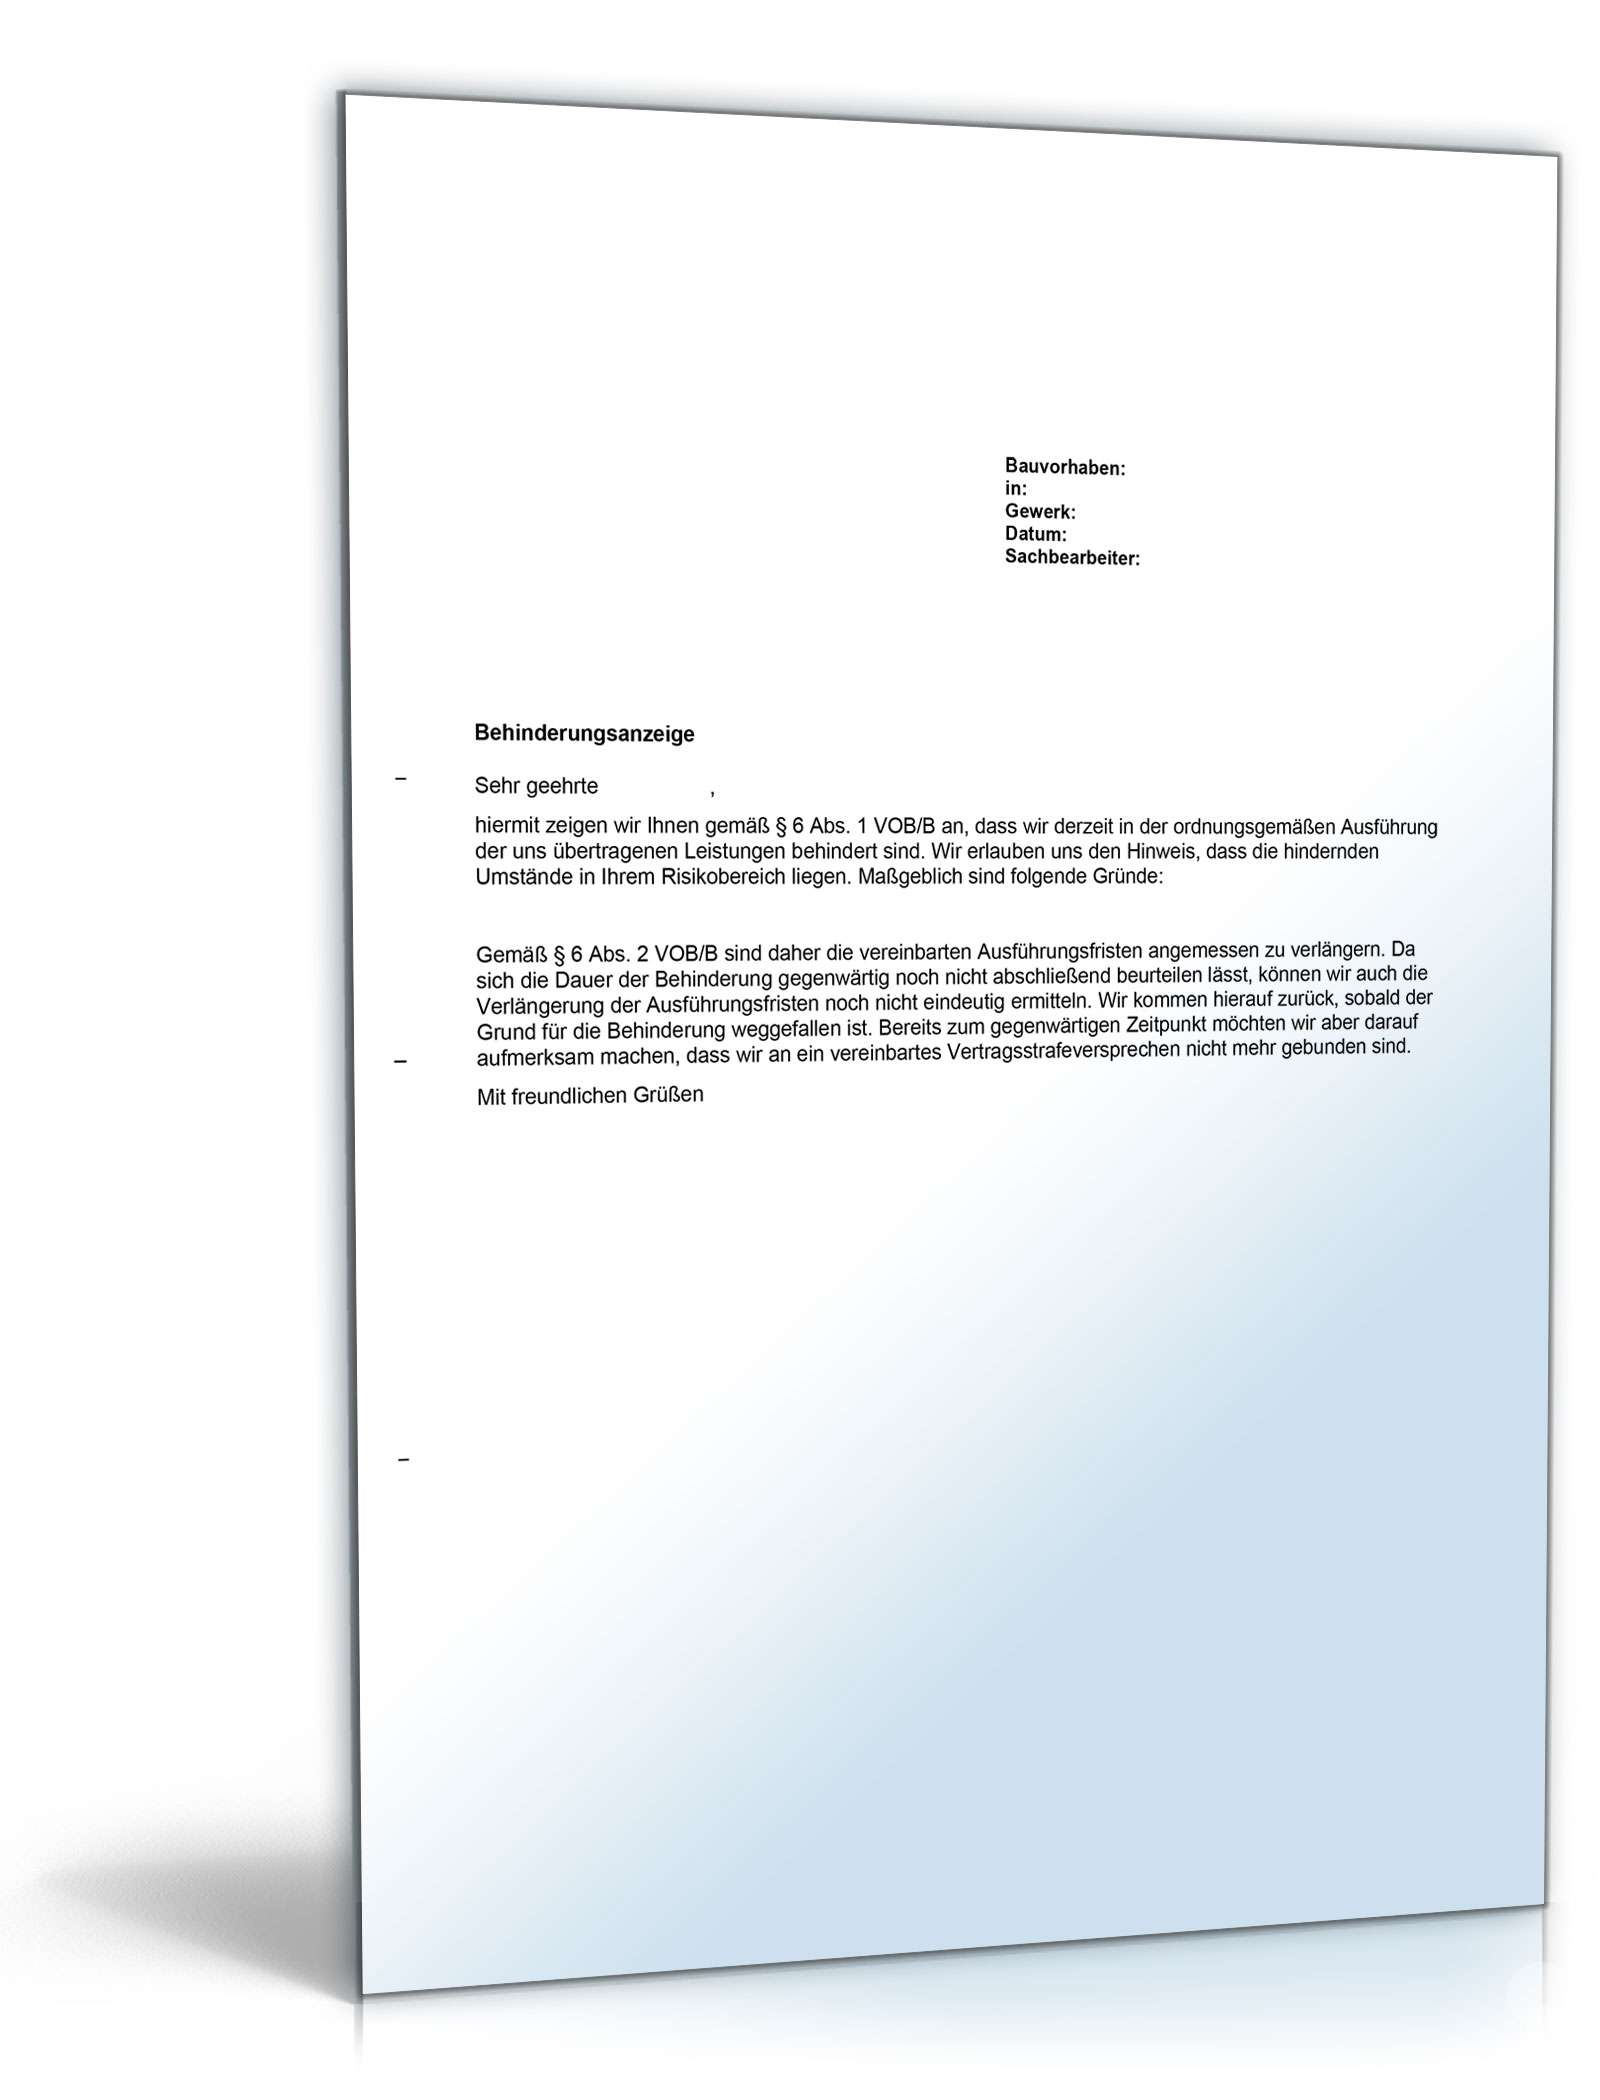 Behinderungsanzeige Bau Anwaltsgepruftes Muster Downloaden